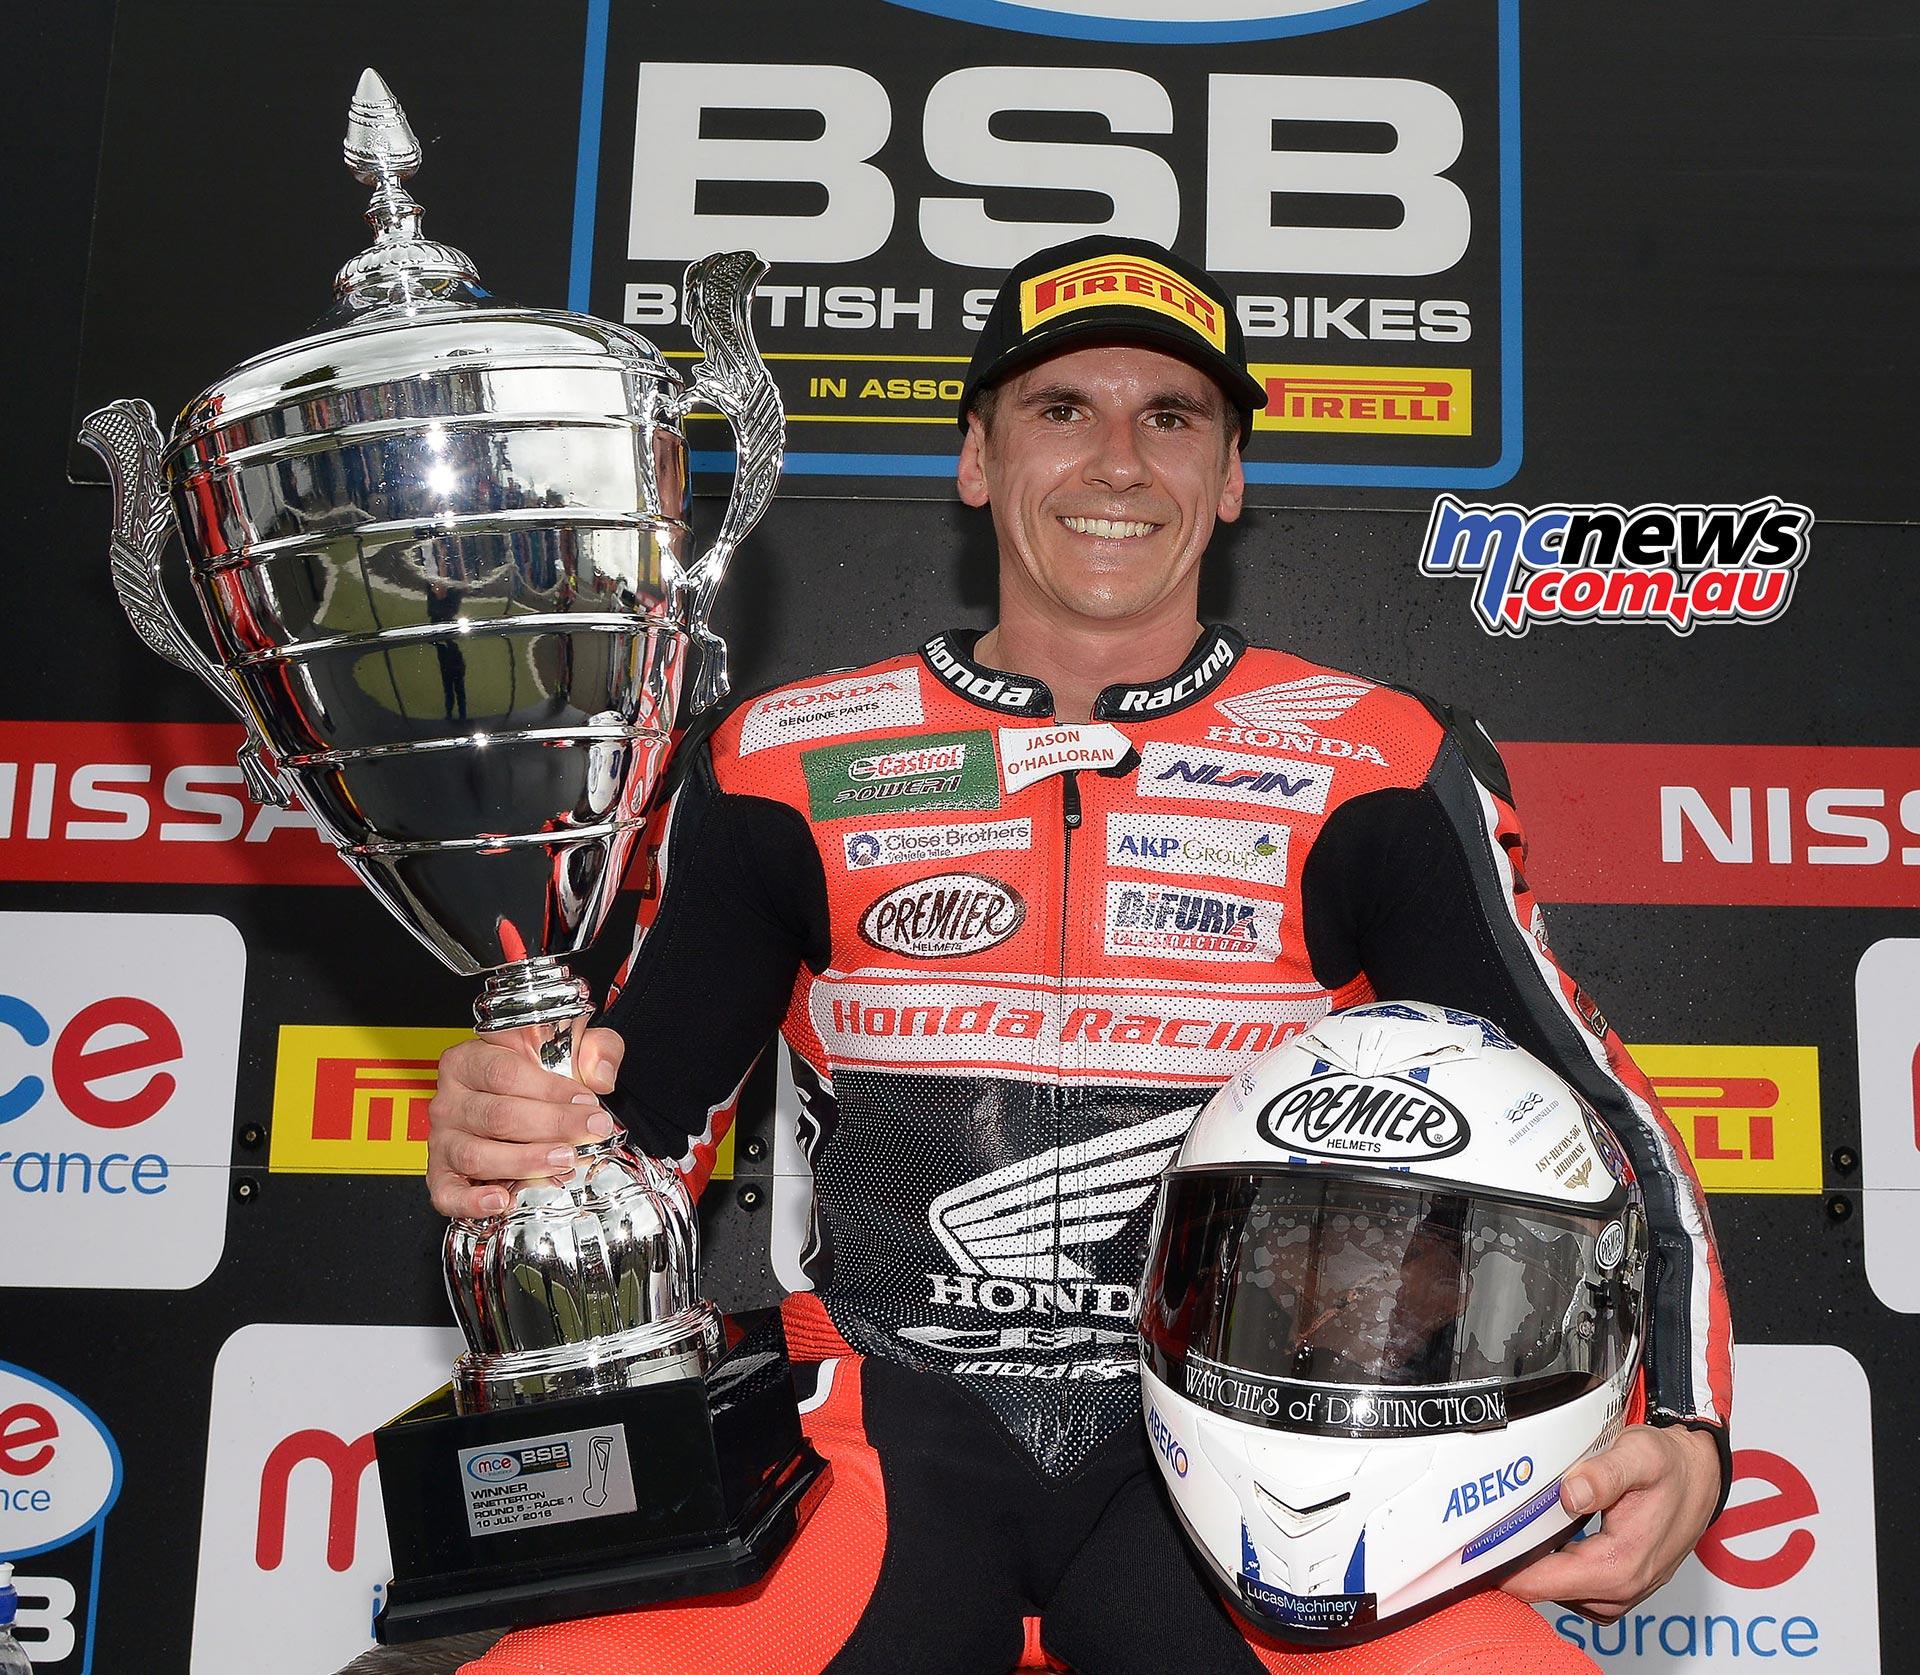 Jason O'Halloran victor in Snetterton Race One BSB 2016 - Image by Jon Jessop